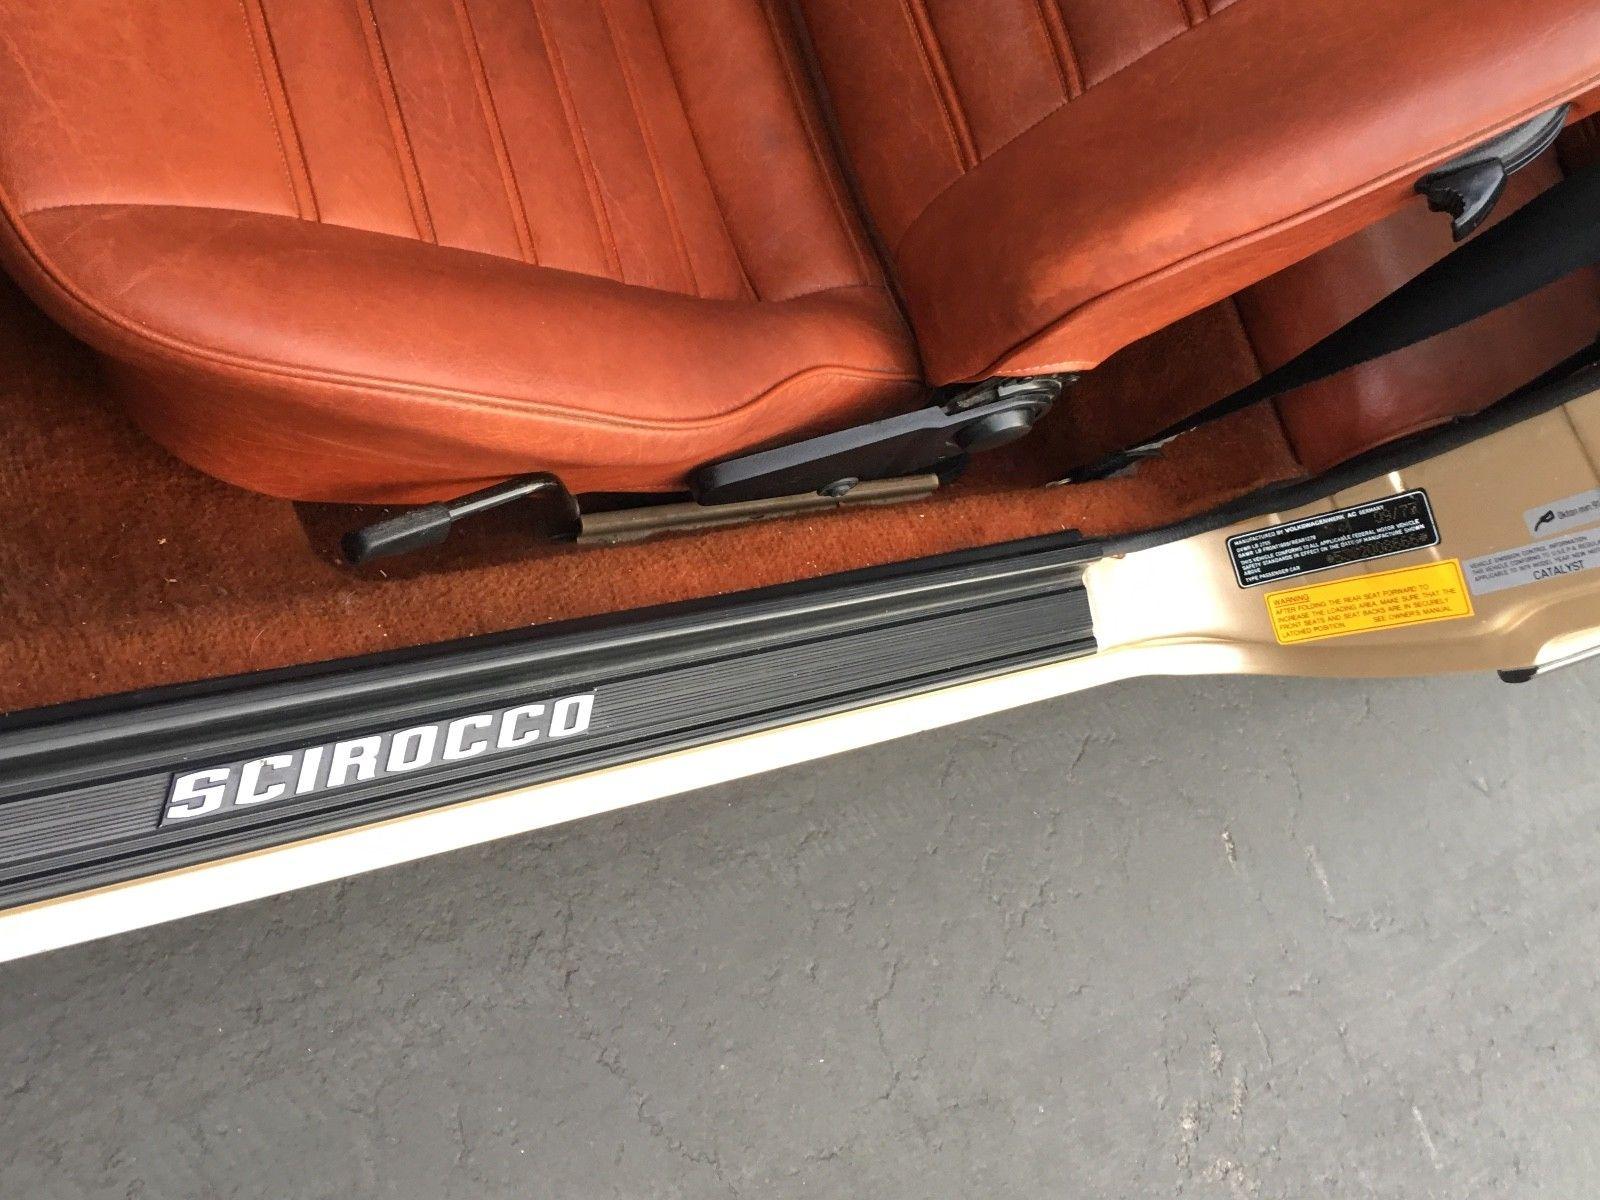 1978 Volkswagen Scirocco door sill